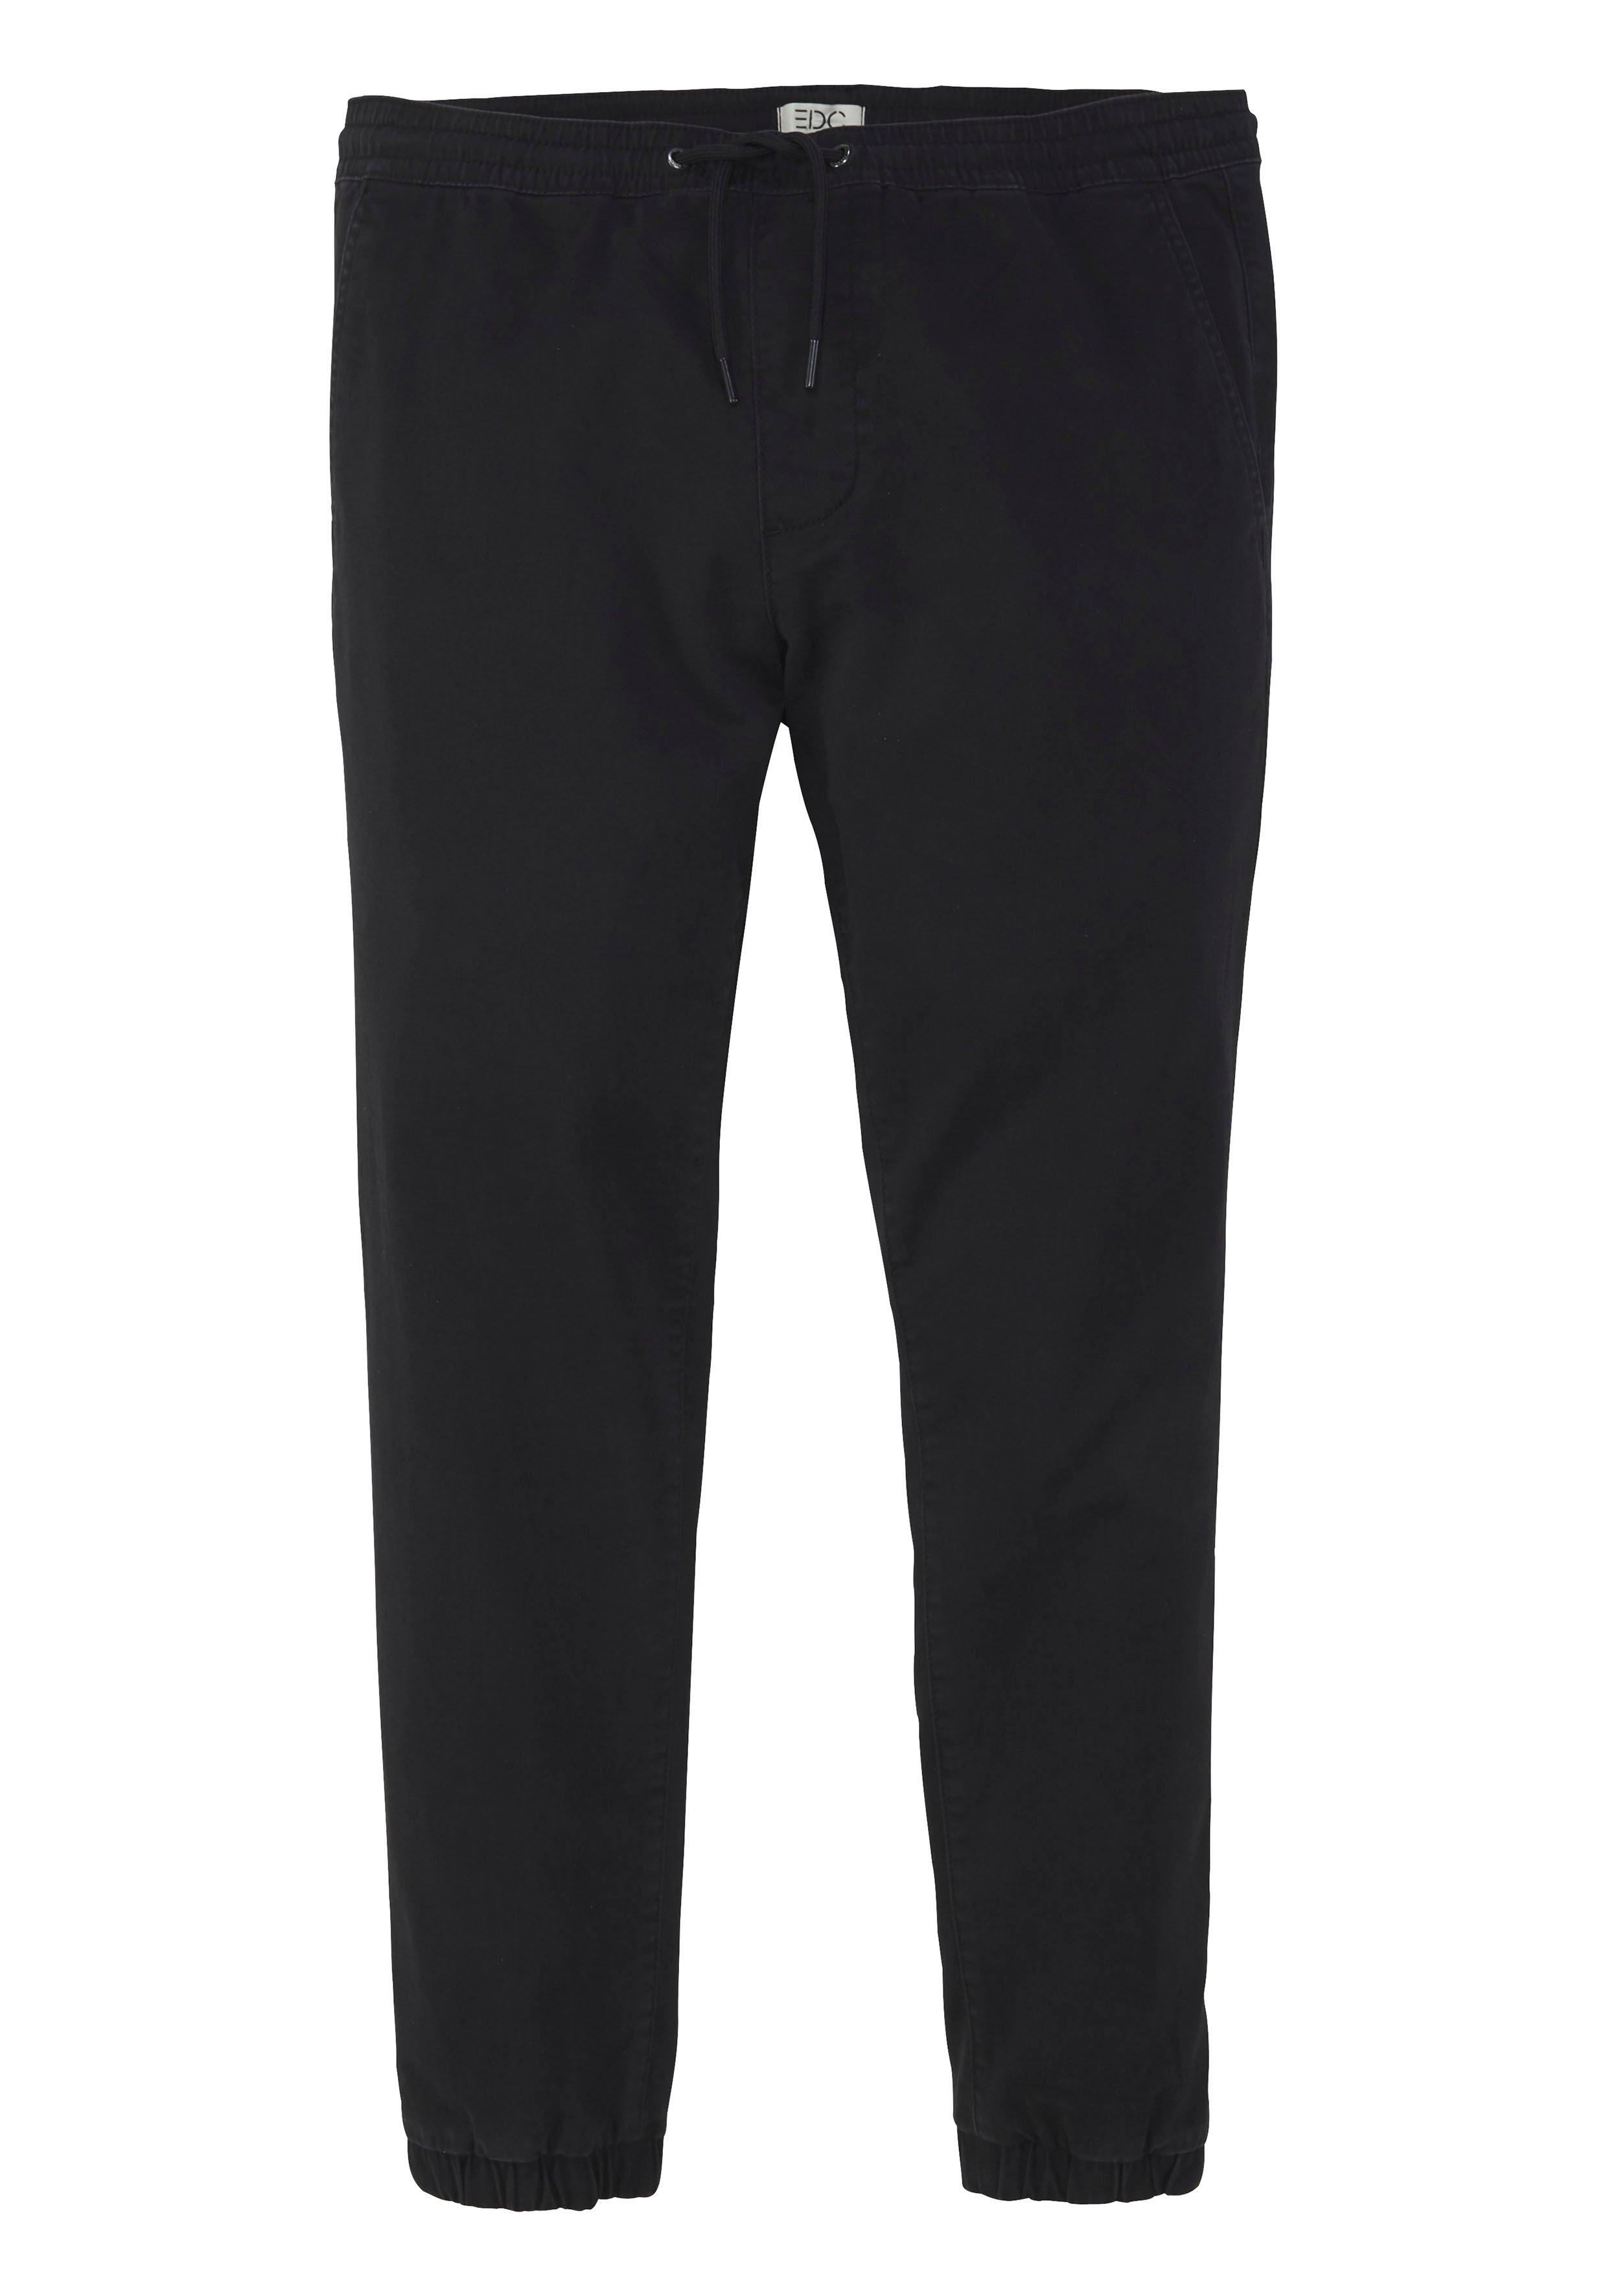 edc by Esprit jogpants met bindstrik voordelig en veilig online kopen